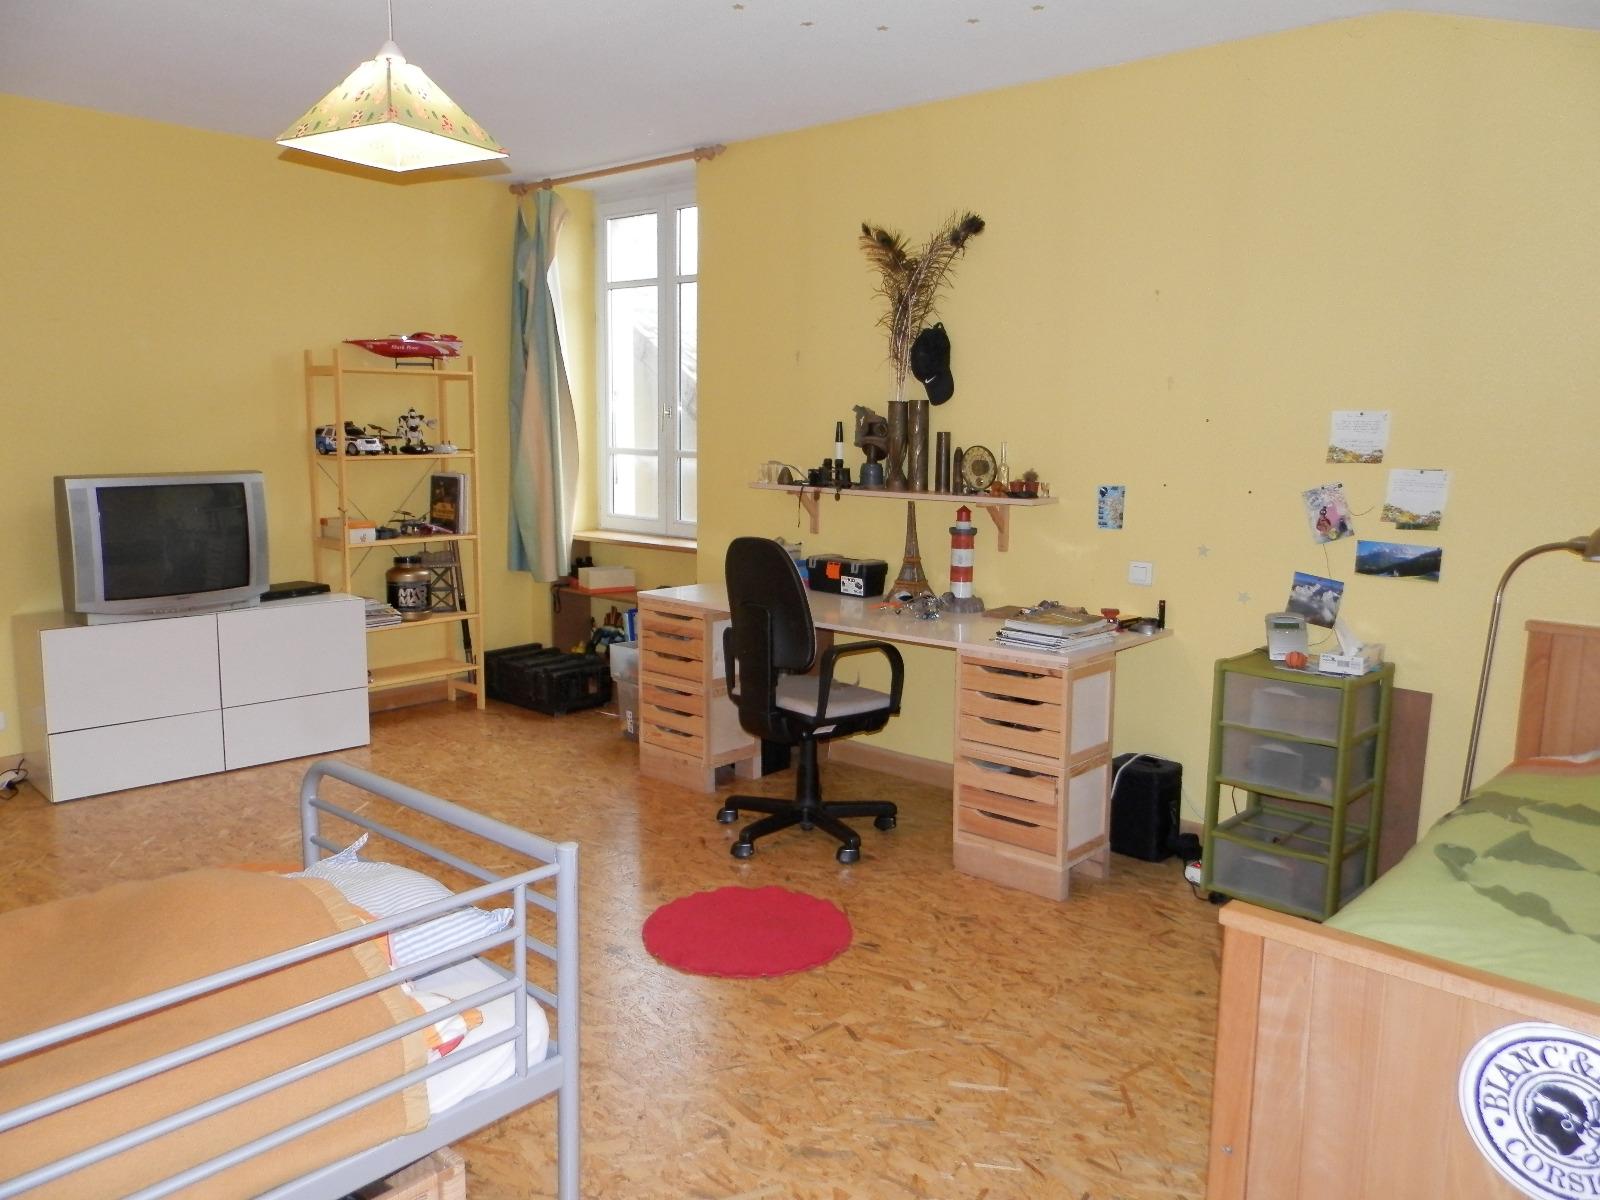 Vente orgelet 39 jura vendre maison familiale en for Vente maison jura